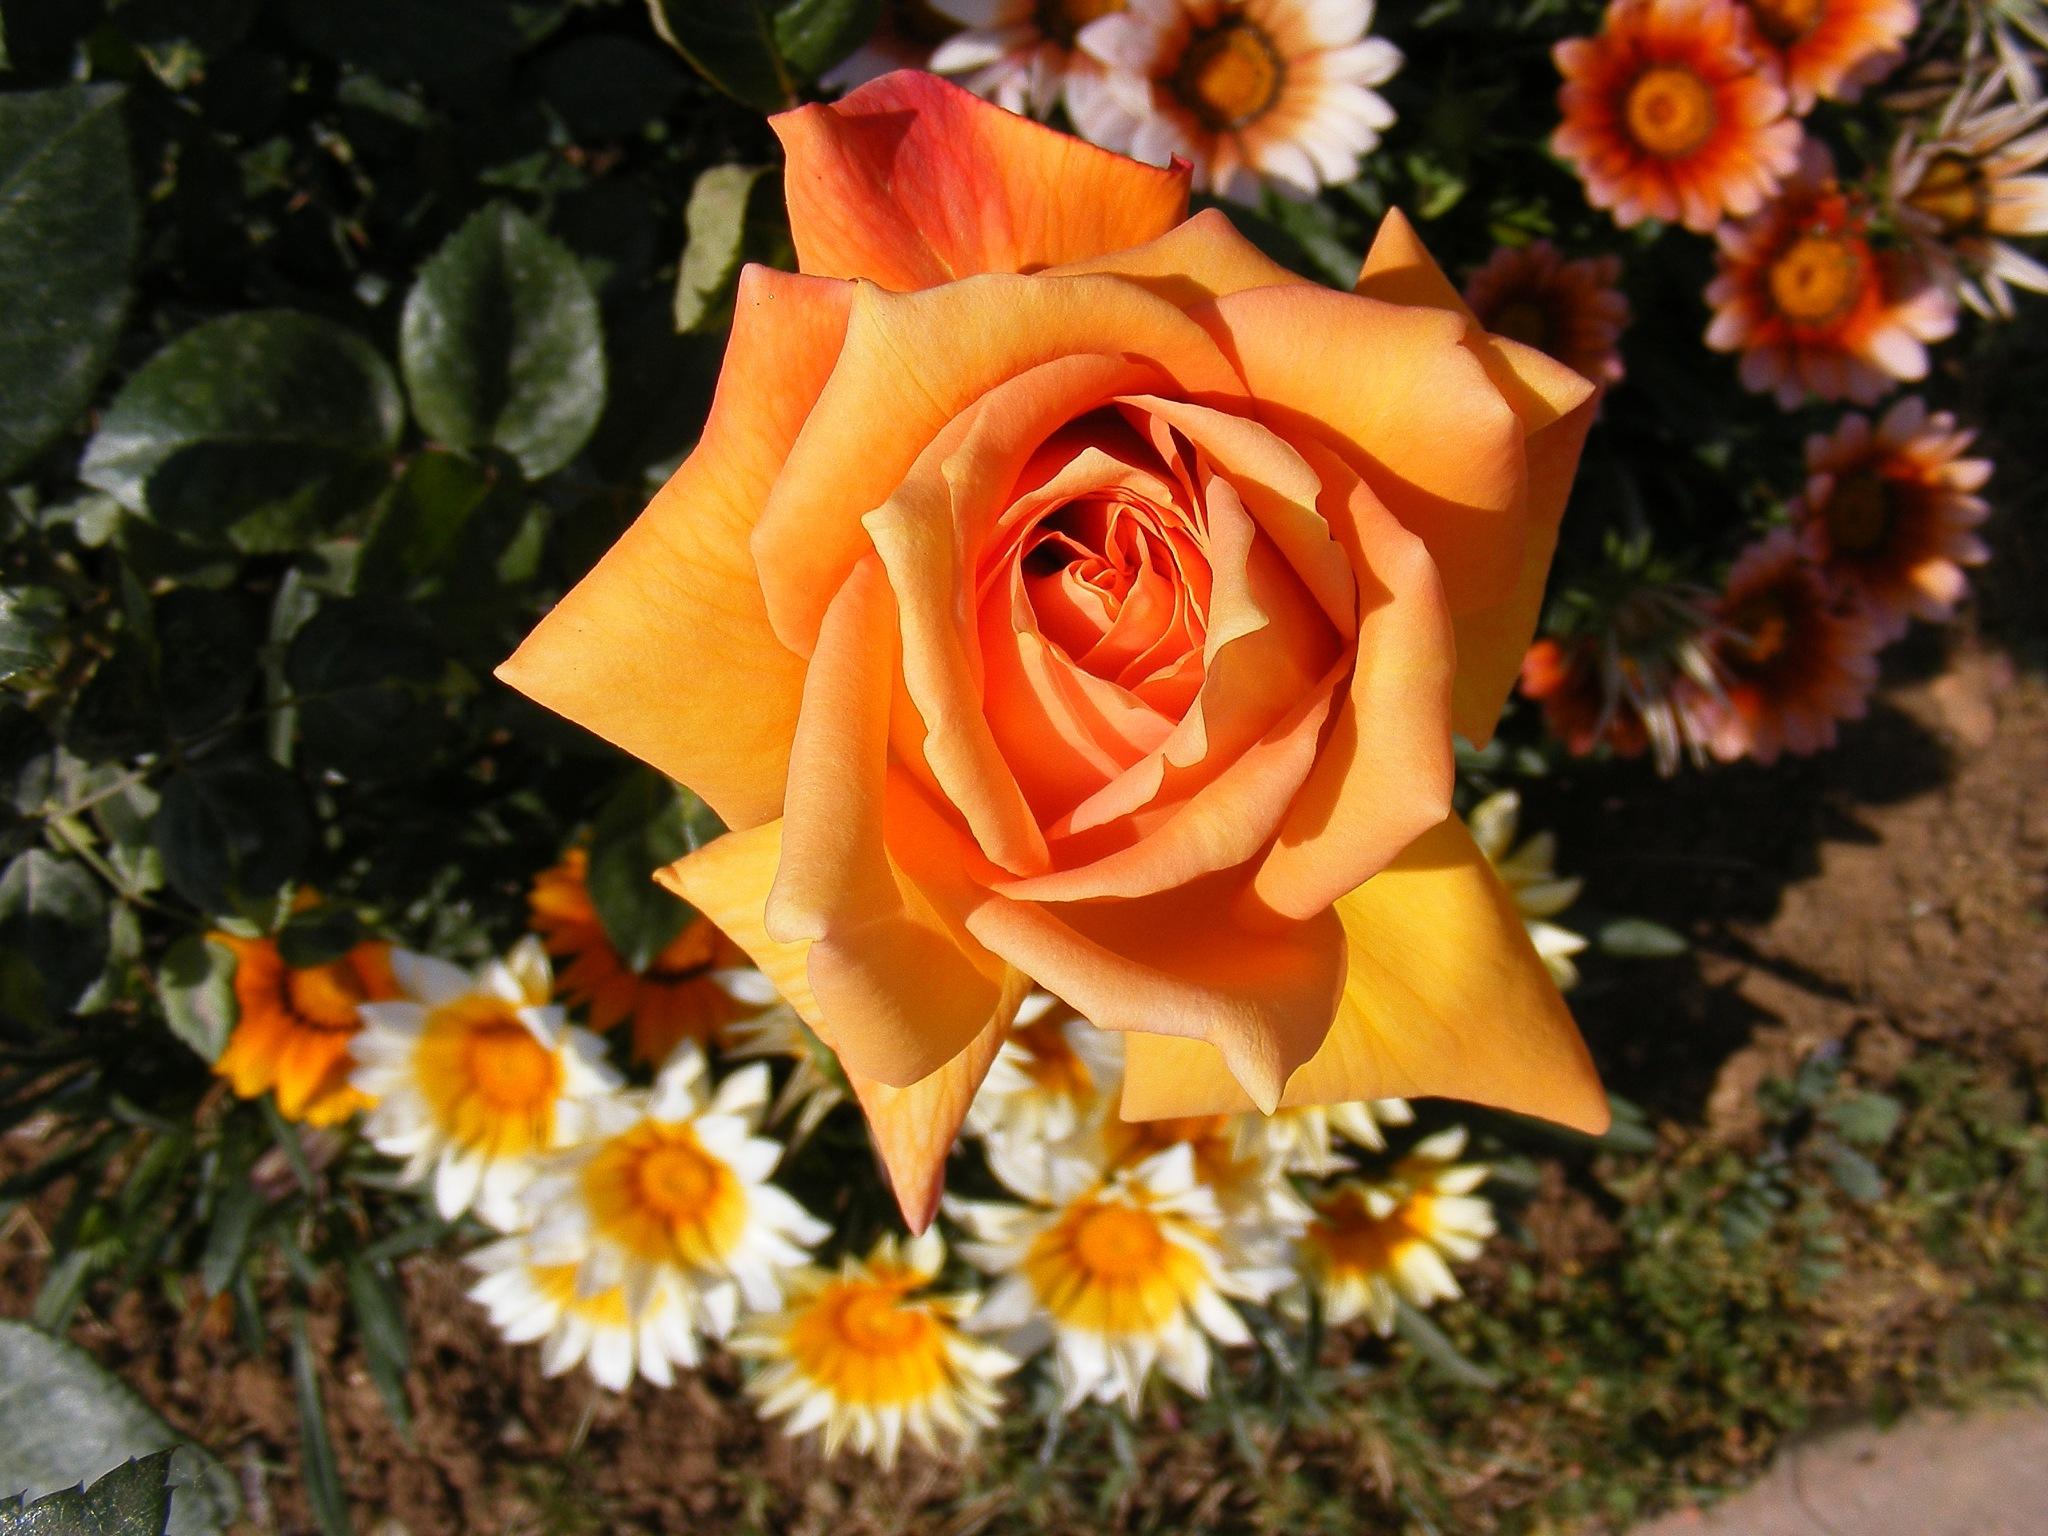 Rose by Demet Alper